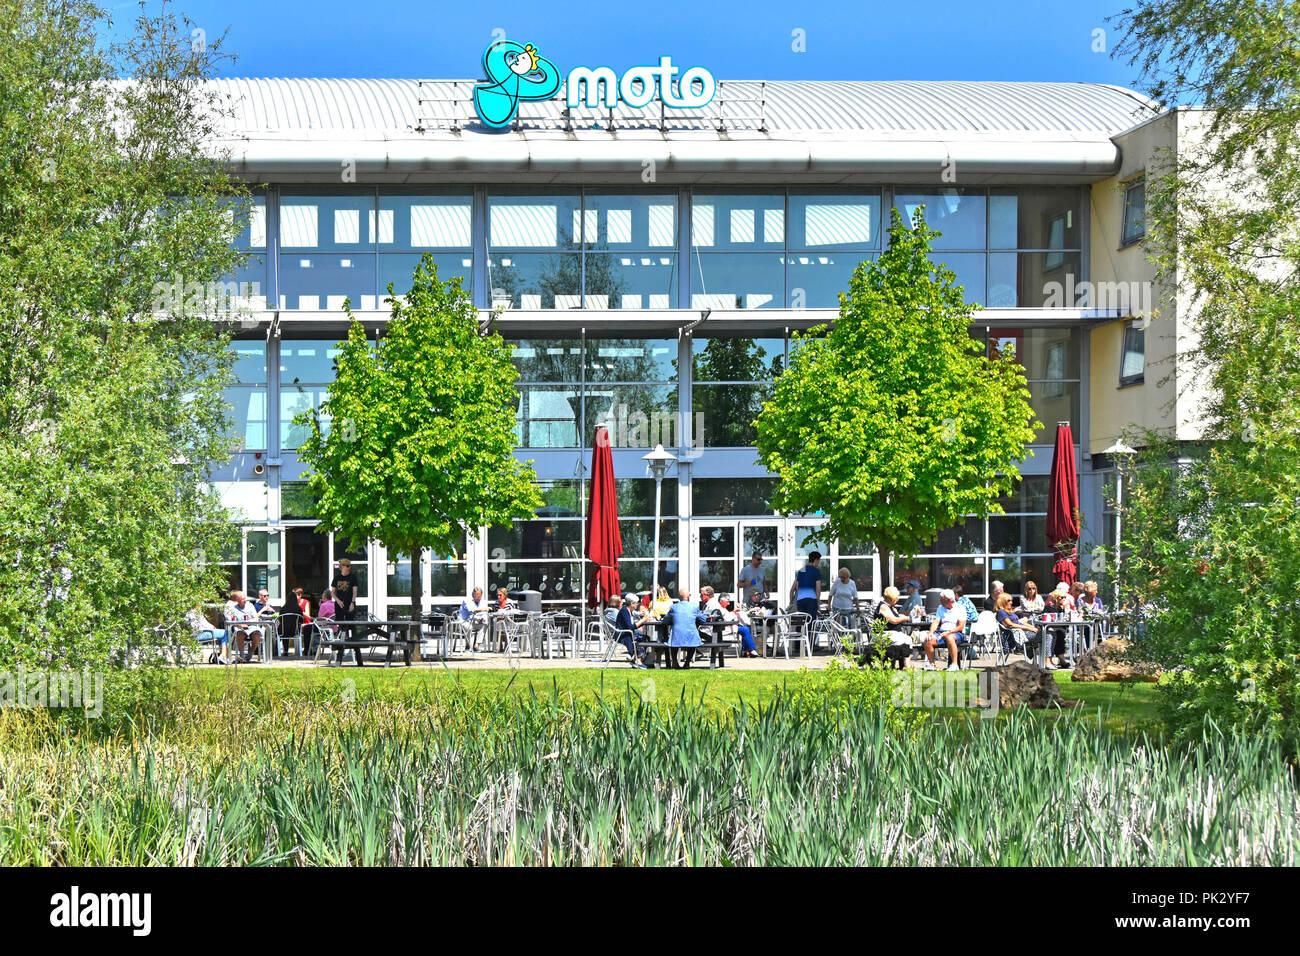 Moto Hospitality M1 motorway services logo & persone break viaggio mangiare all'aperto indietro di un ristorante fast food blocco Donington Park LEICESTERSHIRE REGNO UNITO Immagini Stock